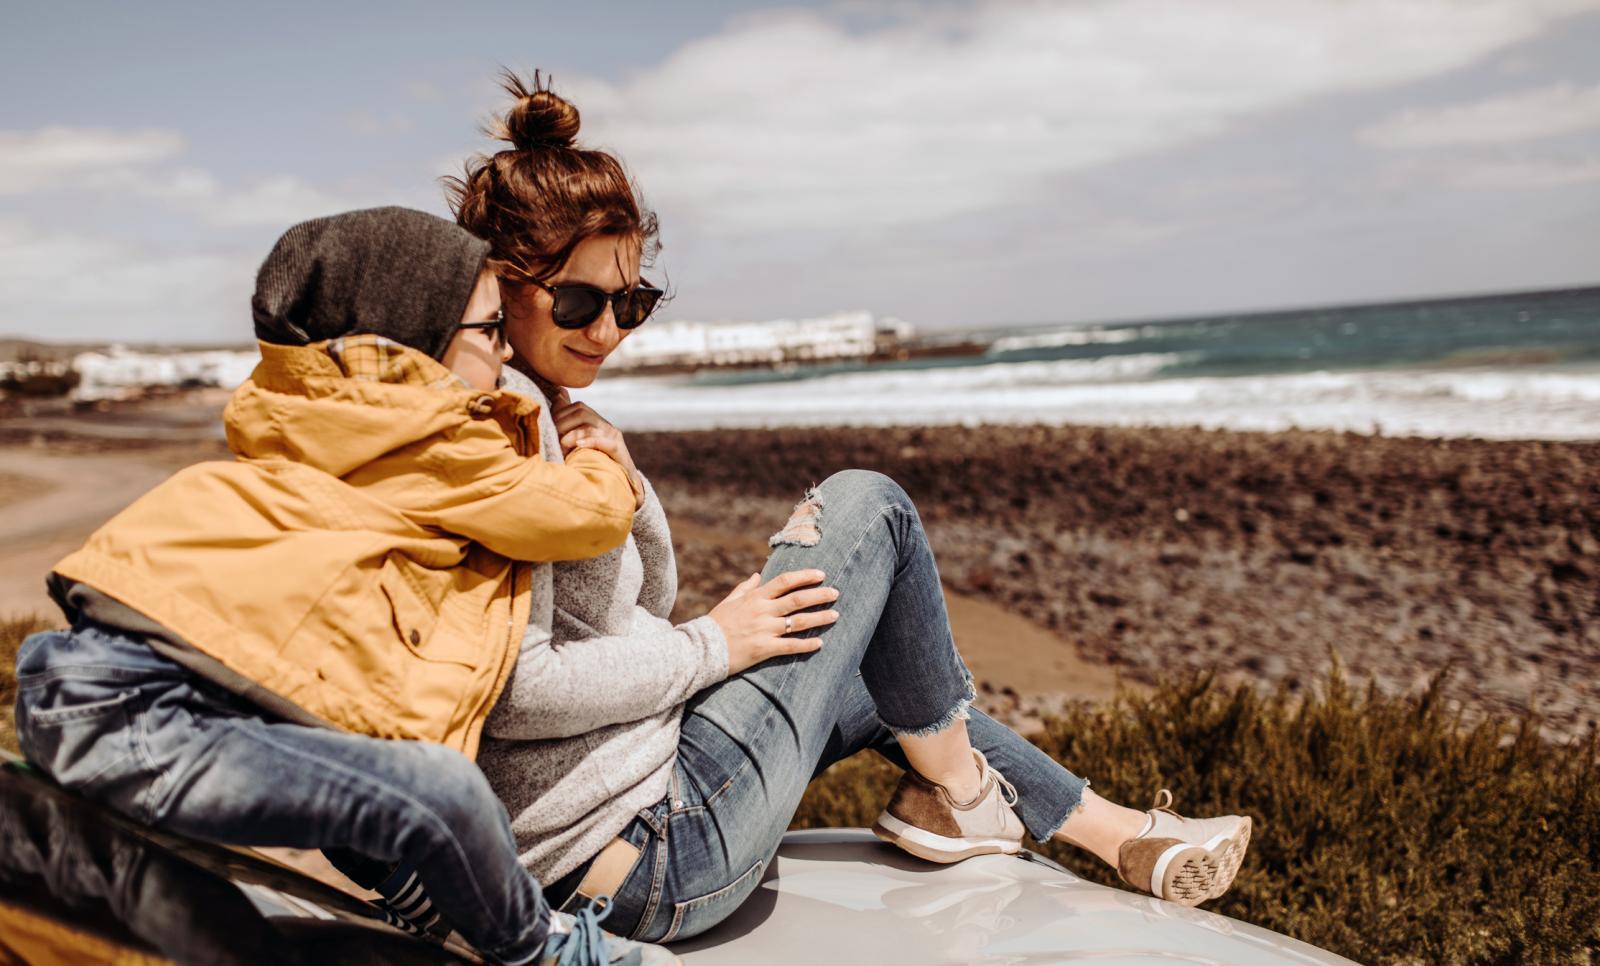 'Znam da je majčinstvo naporno i da većina nas radi najbolje što može. Razlog zašto pišem ovaj tekst nije da pokažem kako bi trebalo, nego da ponudim temu za razmišljanje.'